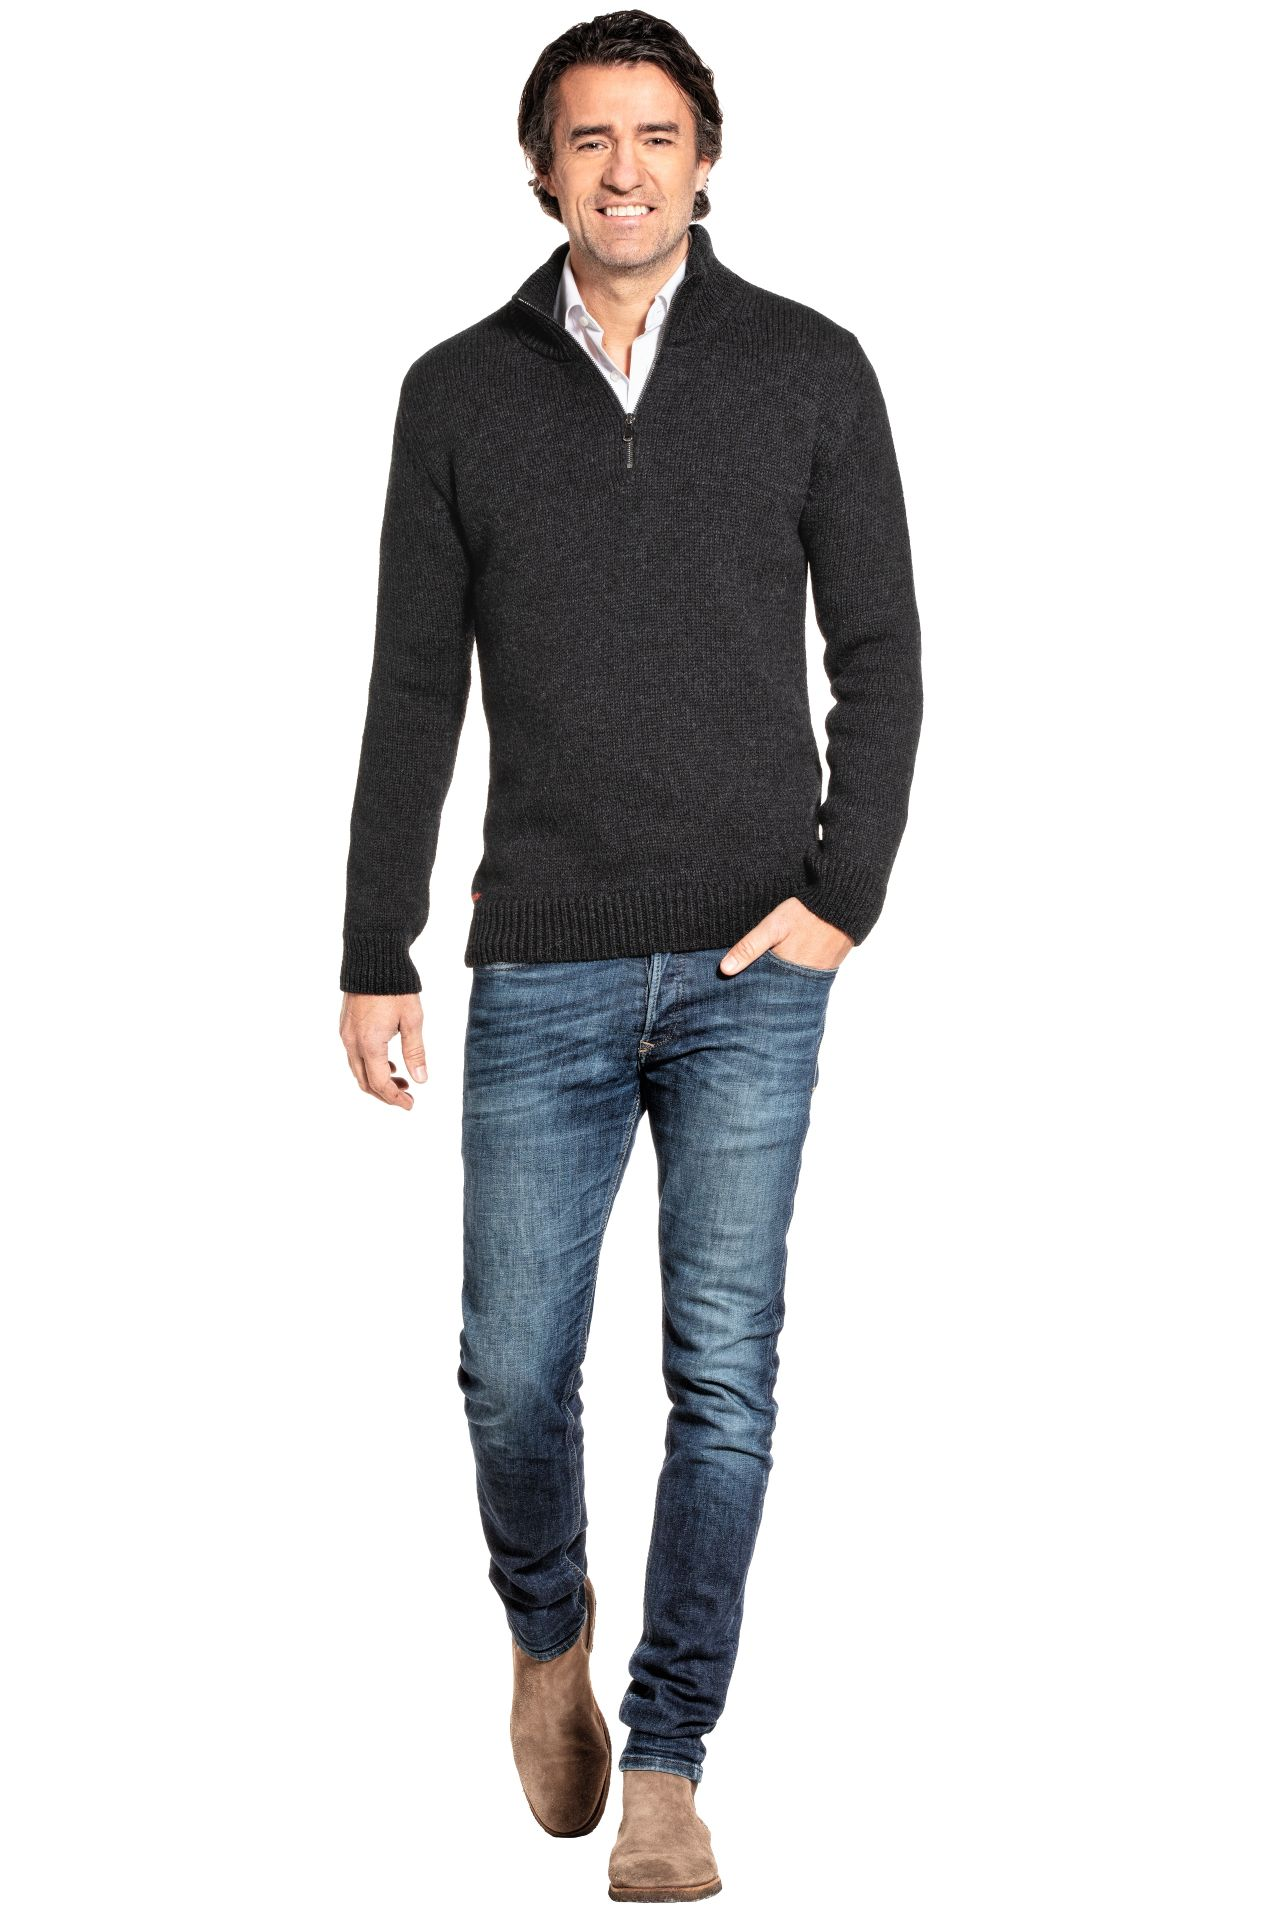 Joe Merino trui gedragen door model.